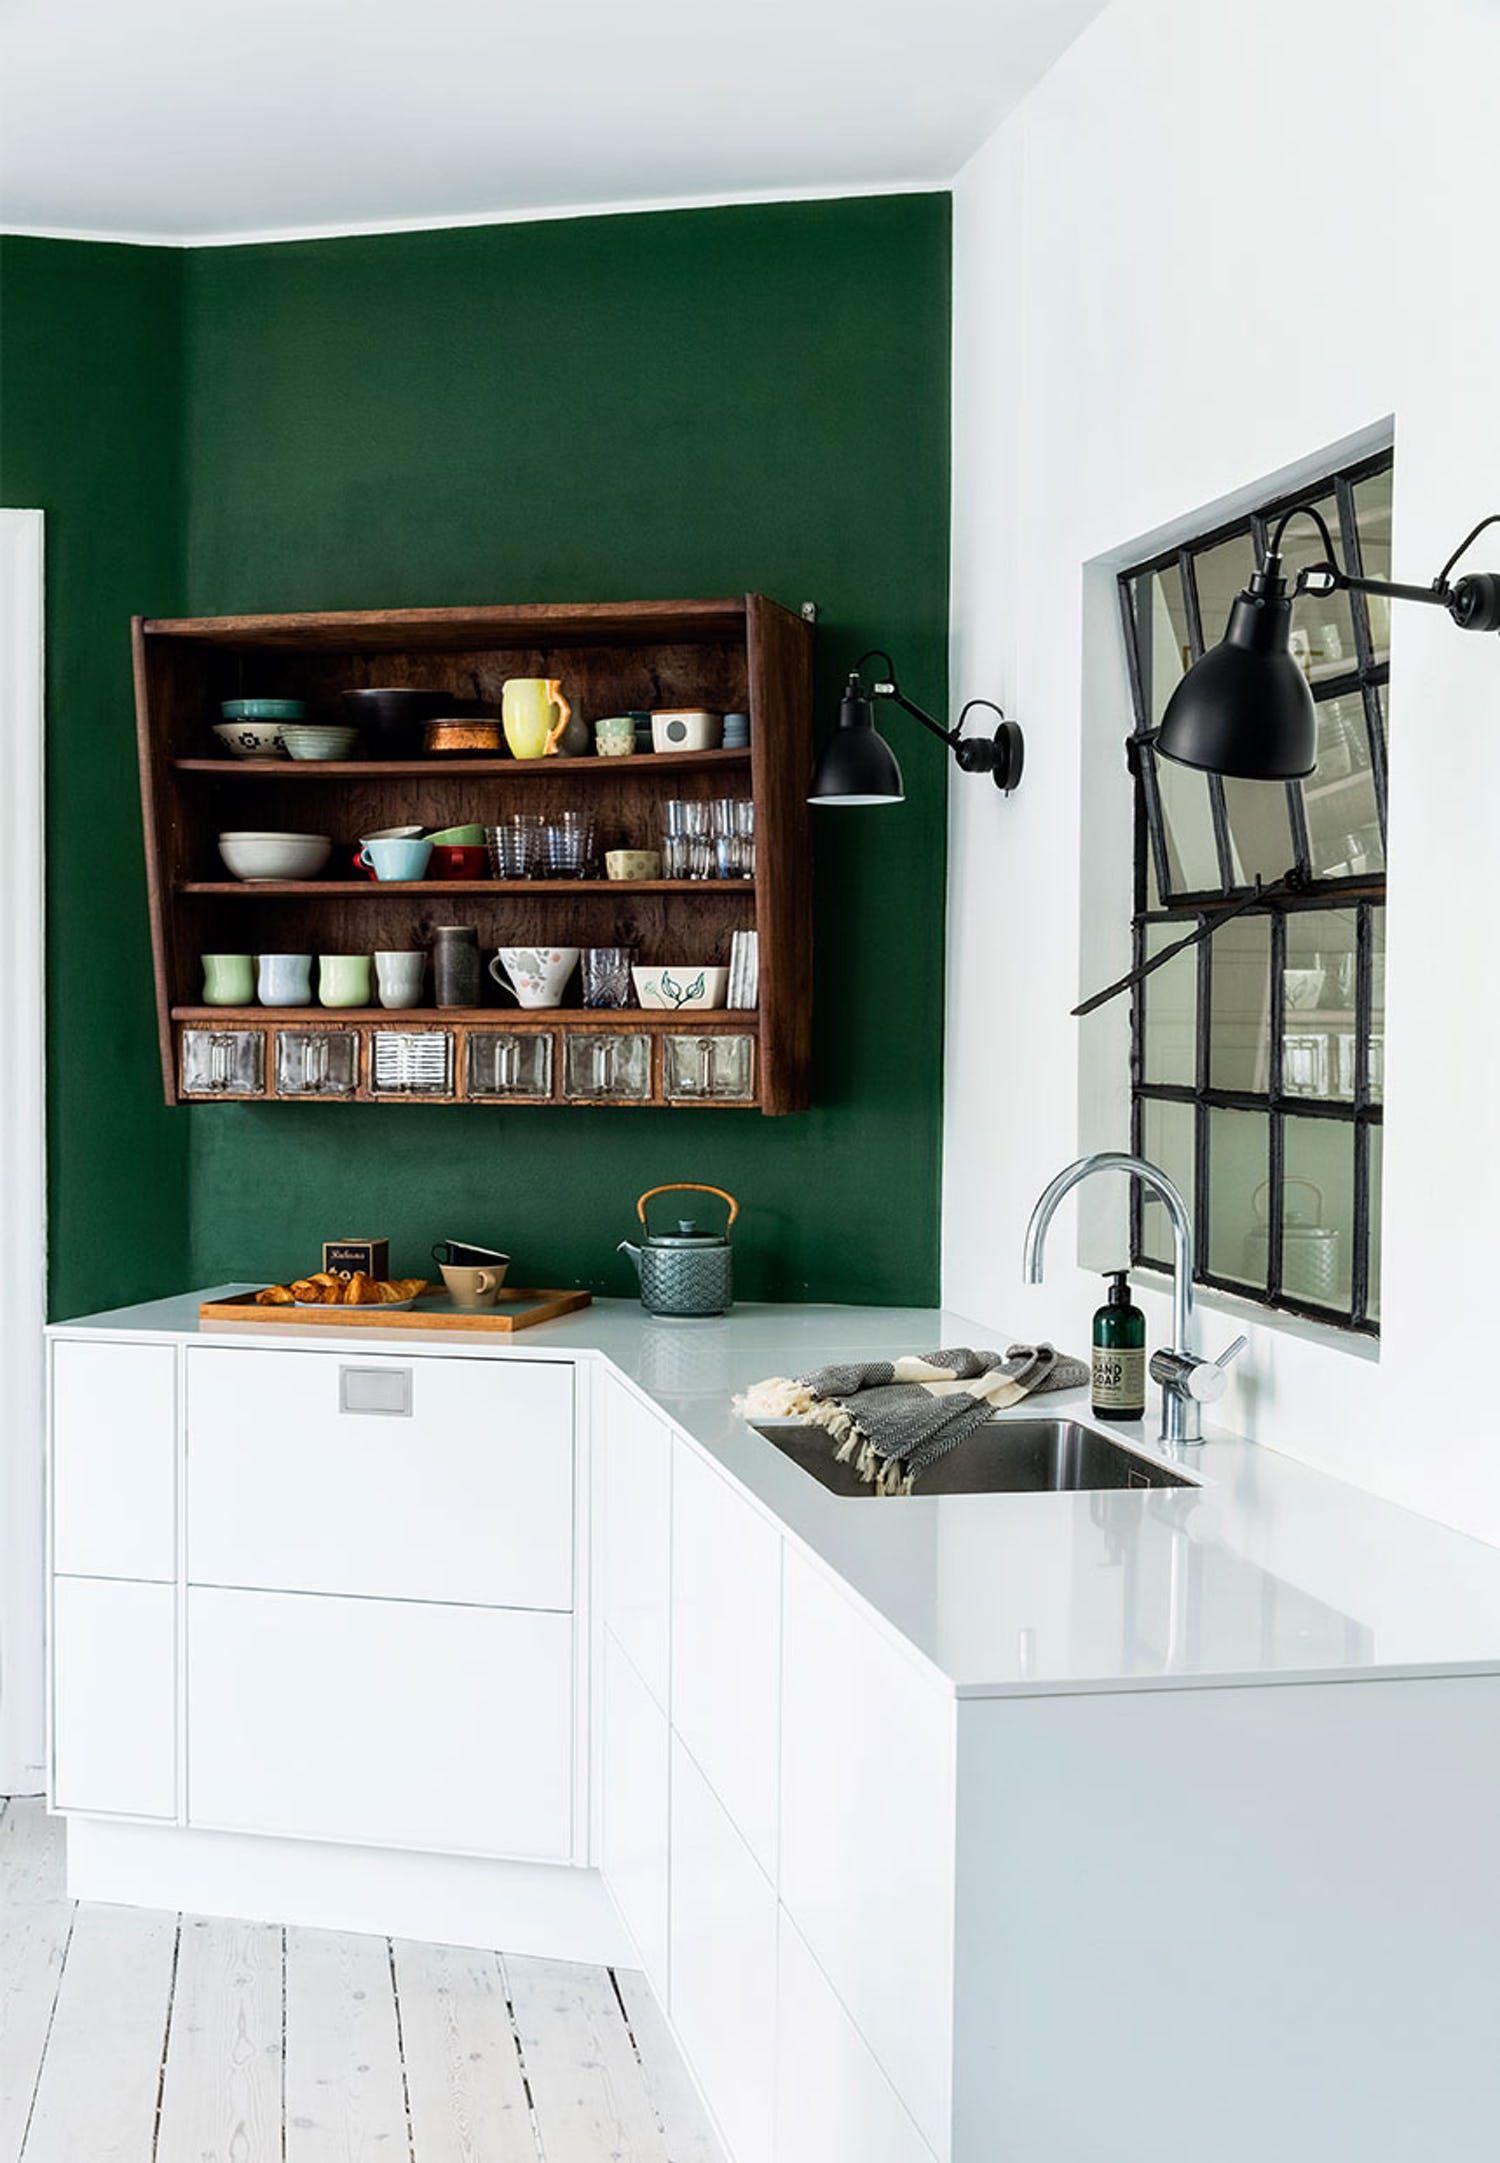 Selv Om Selve Kokkenet Er Meget Almindeligt Har Vi Gjort Det Til Vores Helt Eget Kokken Inventar Design Kokkenalrum Moderne Kokken